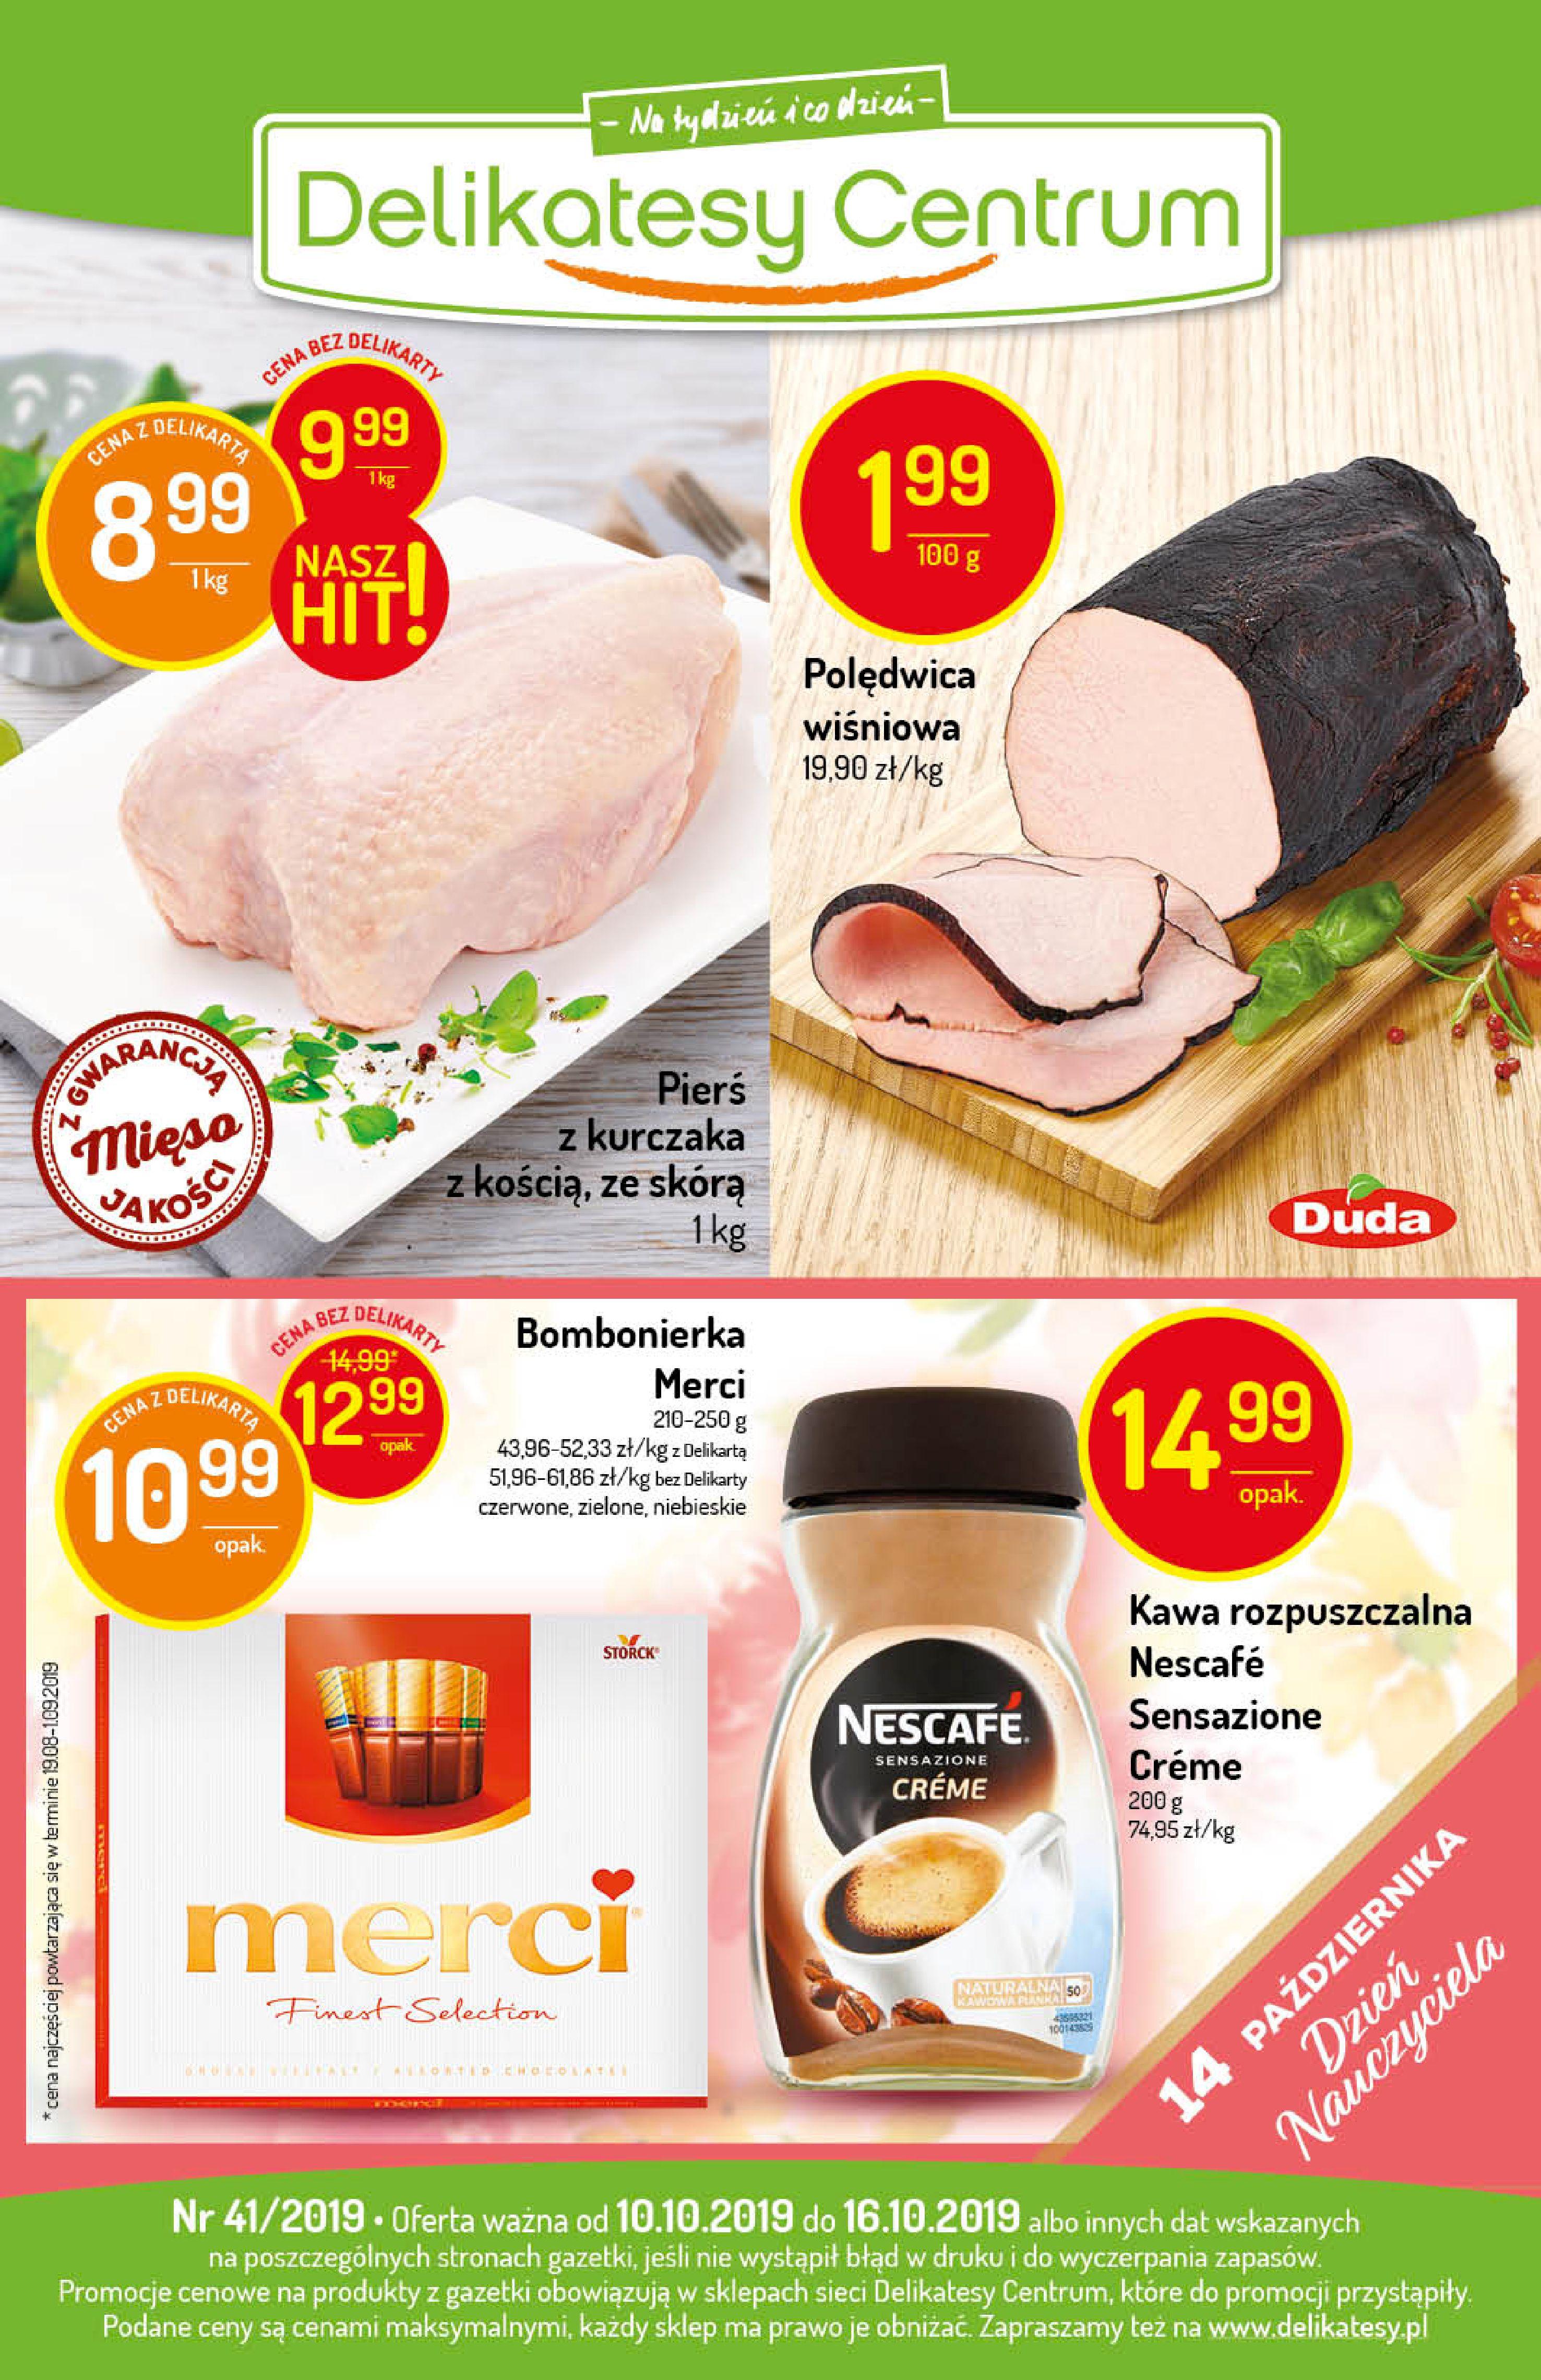 Gazetka Delikatesy Centrum - Oferta na art. spożywcze i kosmetyki-09.10.2019-16.10.2019-page-24